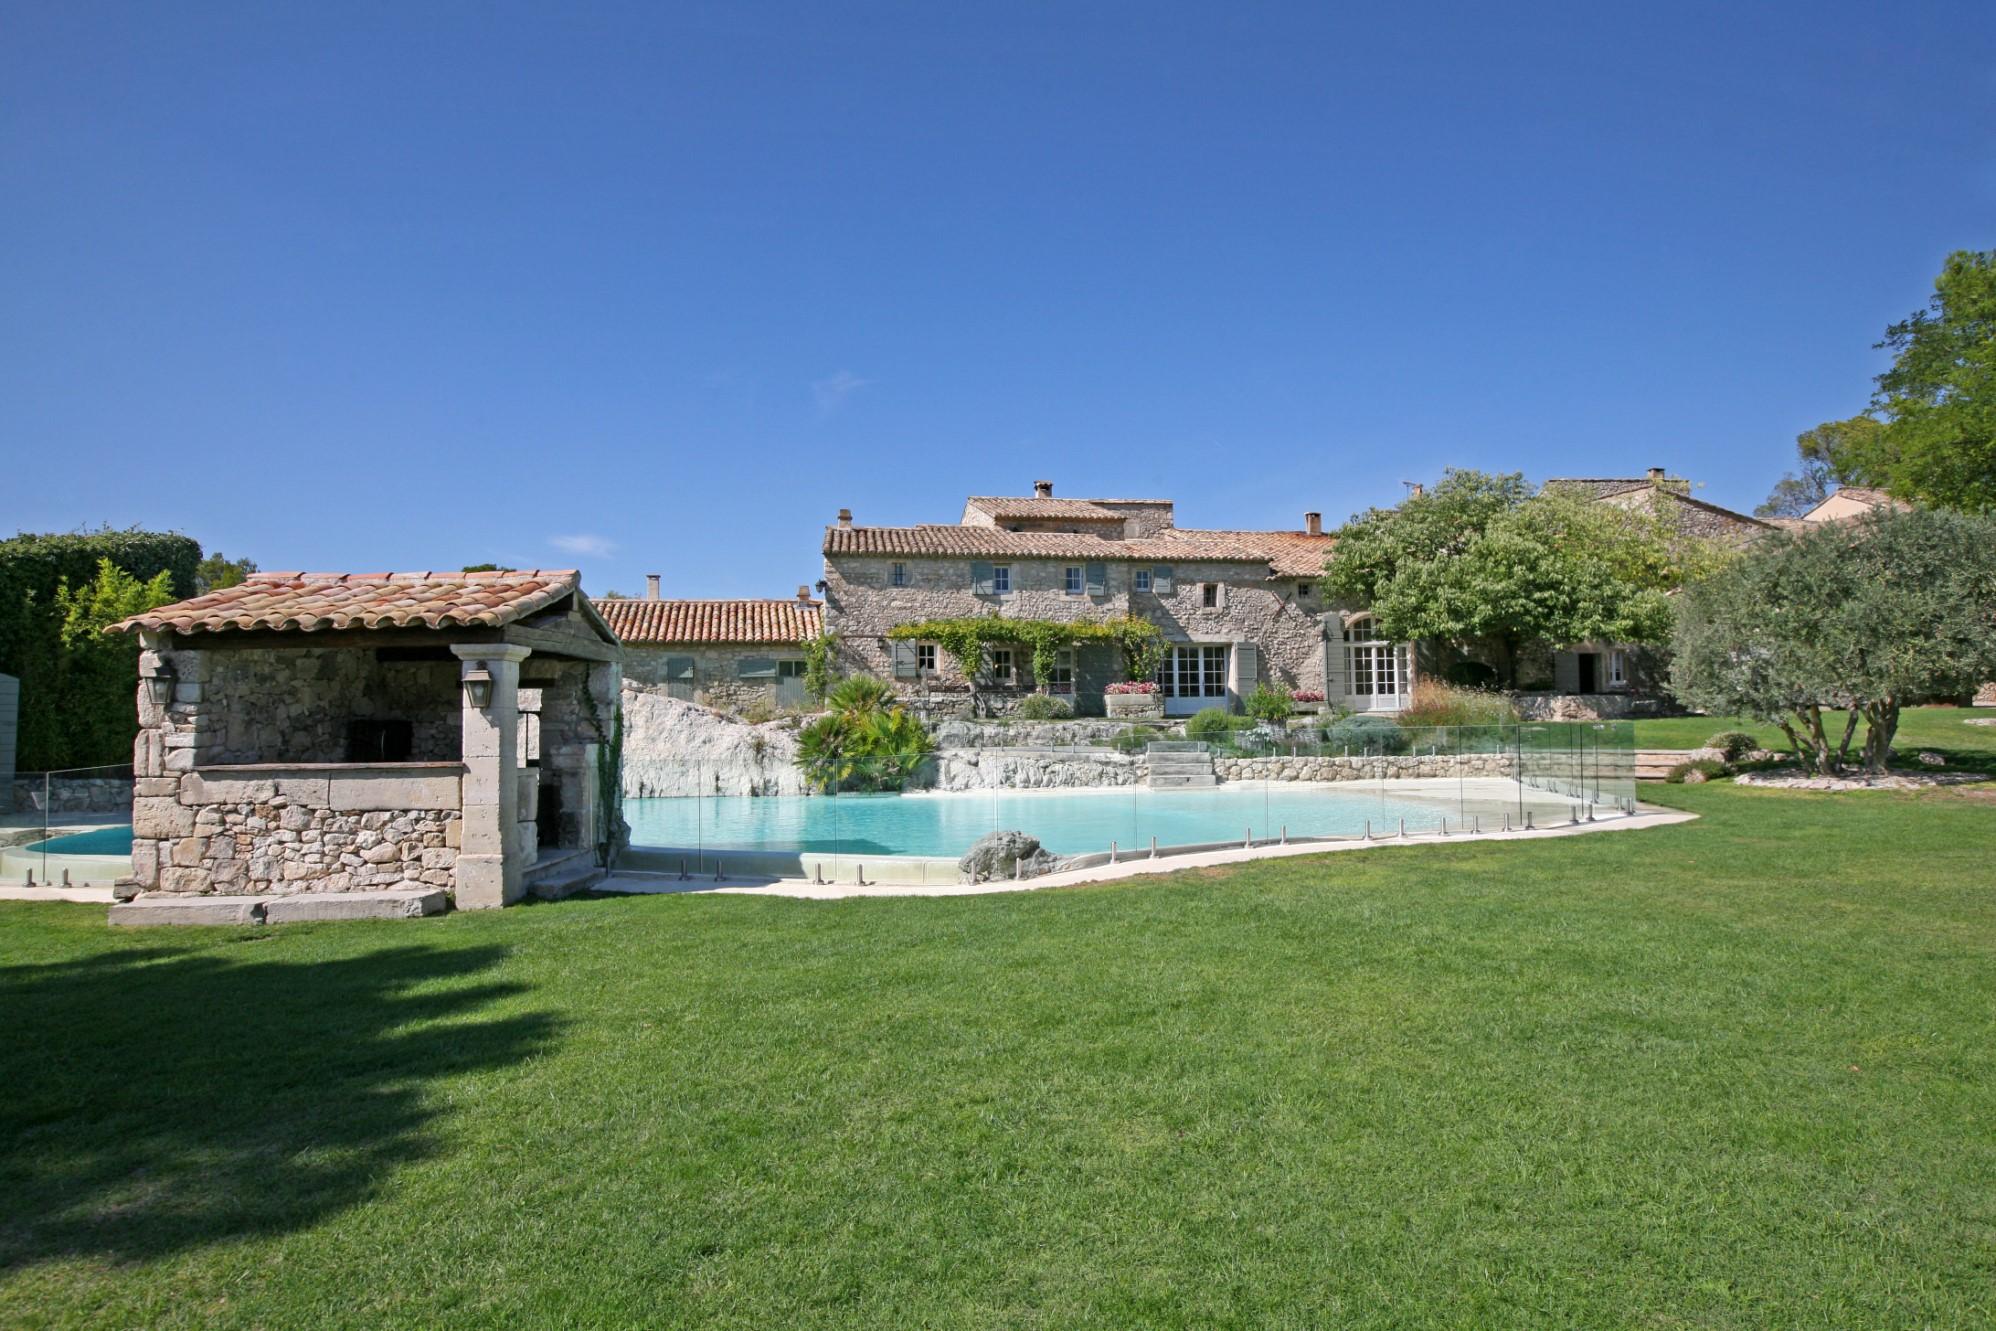 Chambres d'hôtes et restaurant avec piscine à vendre dans les Alpilles